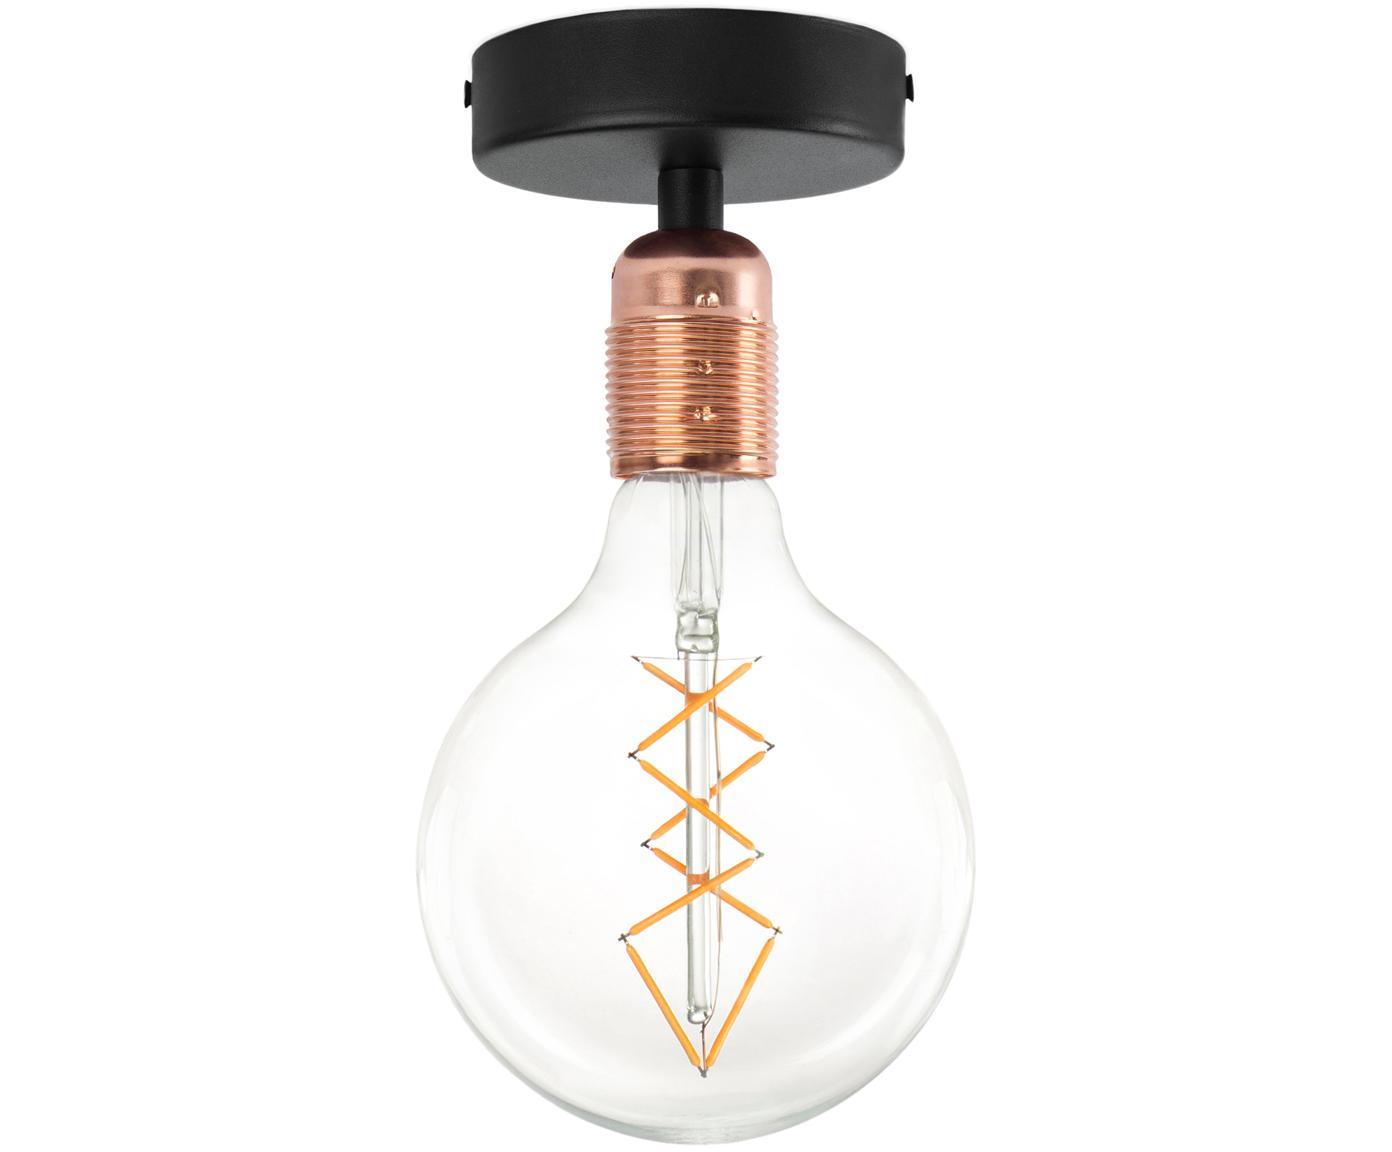 Plafoniera senza lampadina Uno, Baldacchino: metallo verniciato a polv, Nero, rame, Ø 10 x Alt. 10 cm